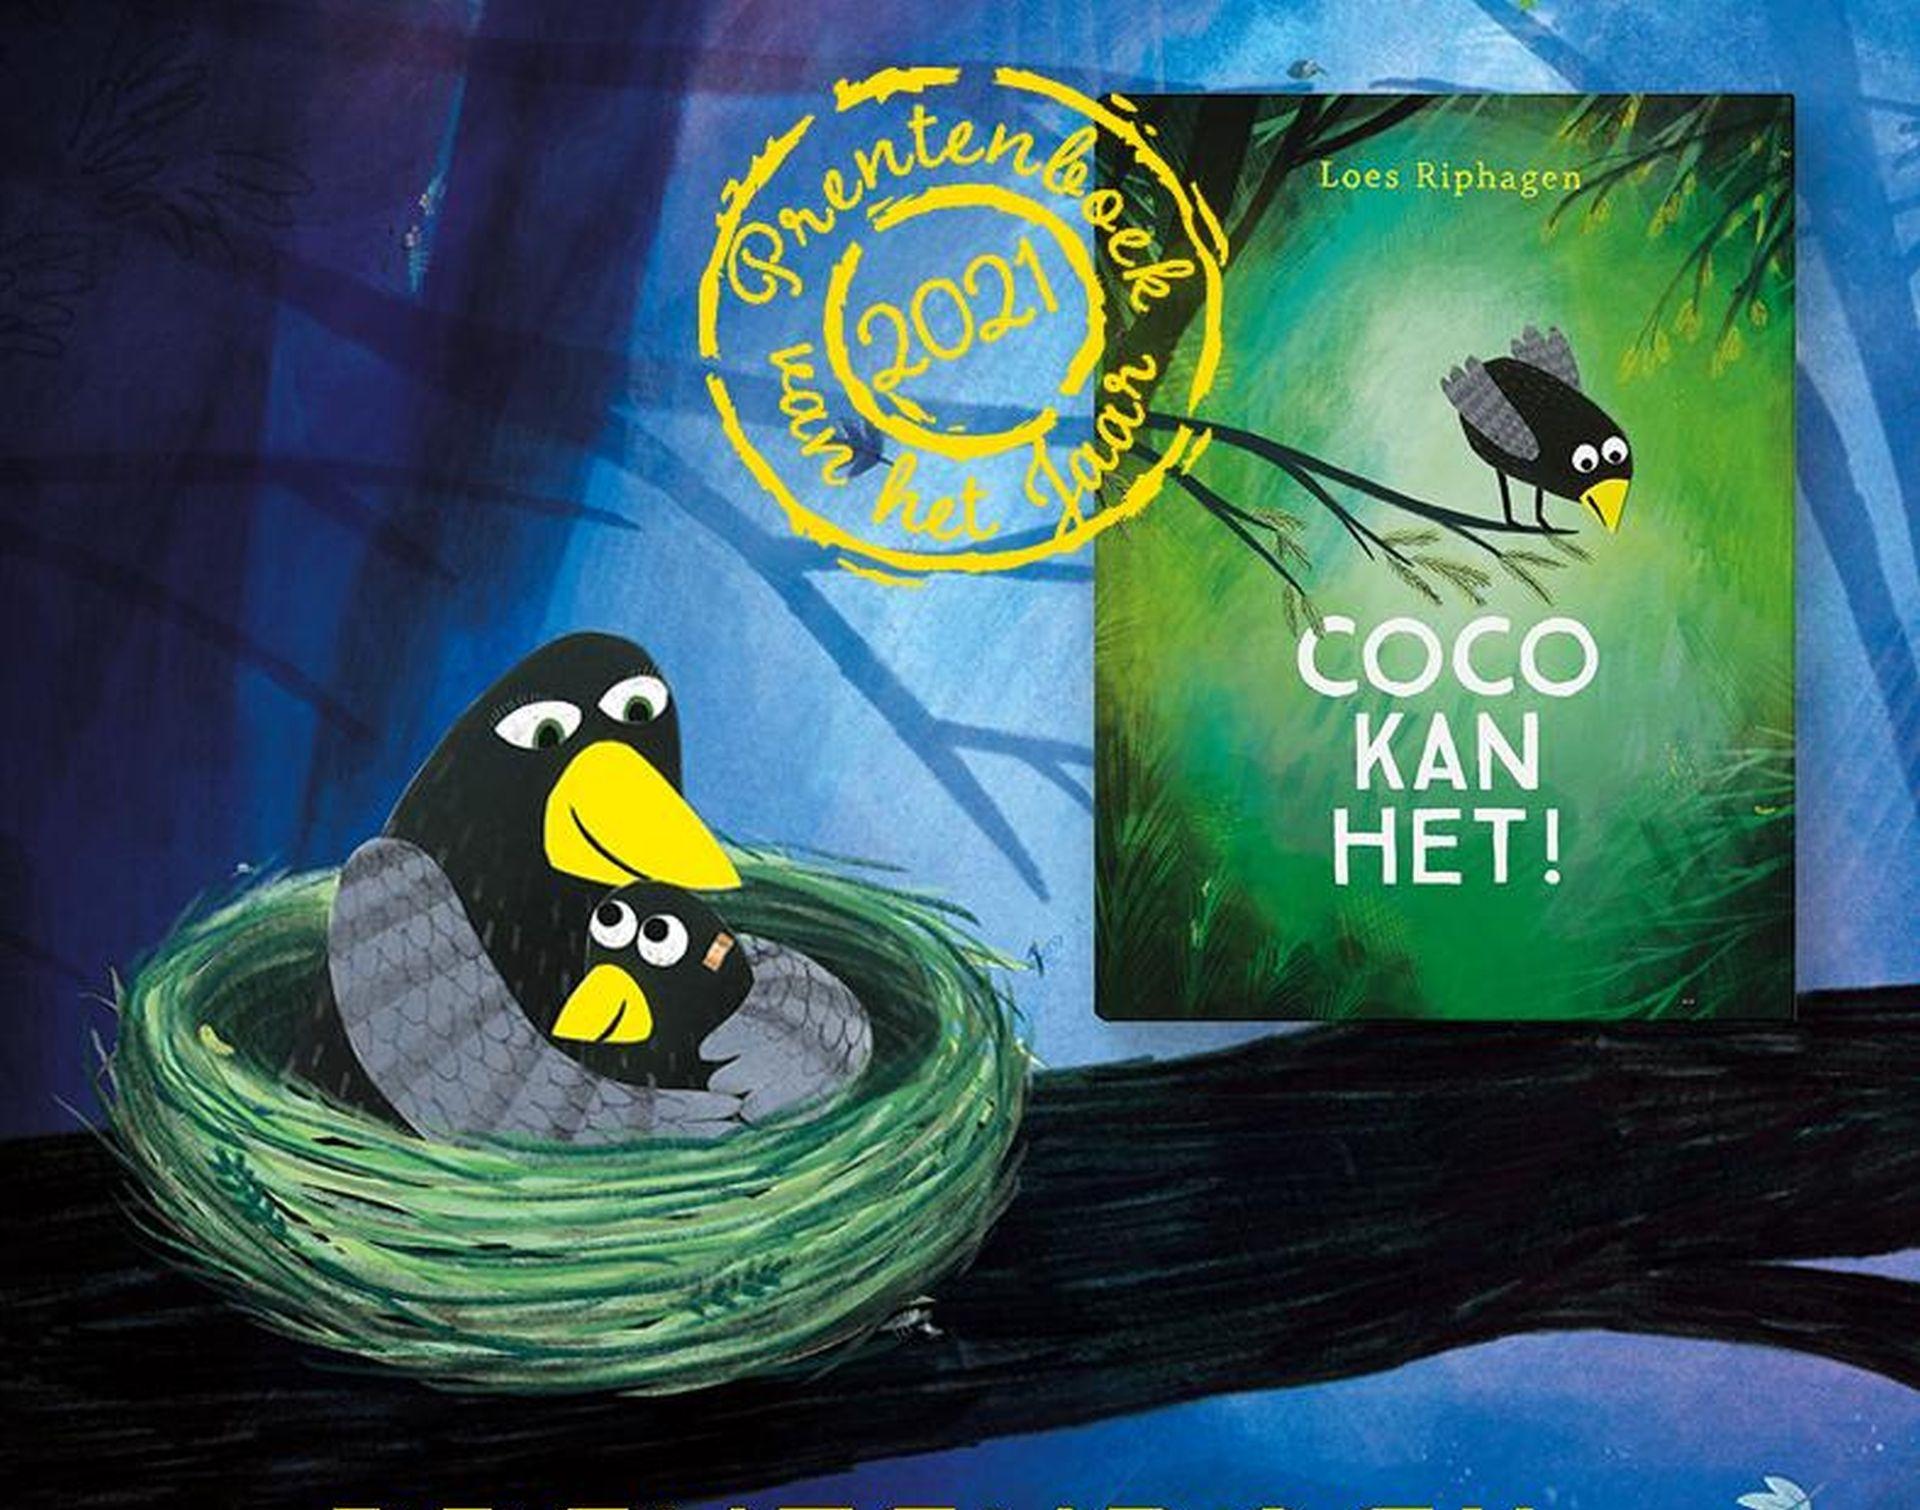 Prentenboek van het jaar 2021 is Coco kan het, van Loes Riphagen.